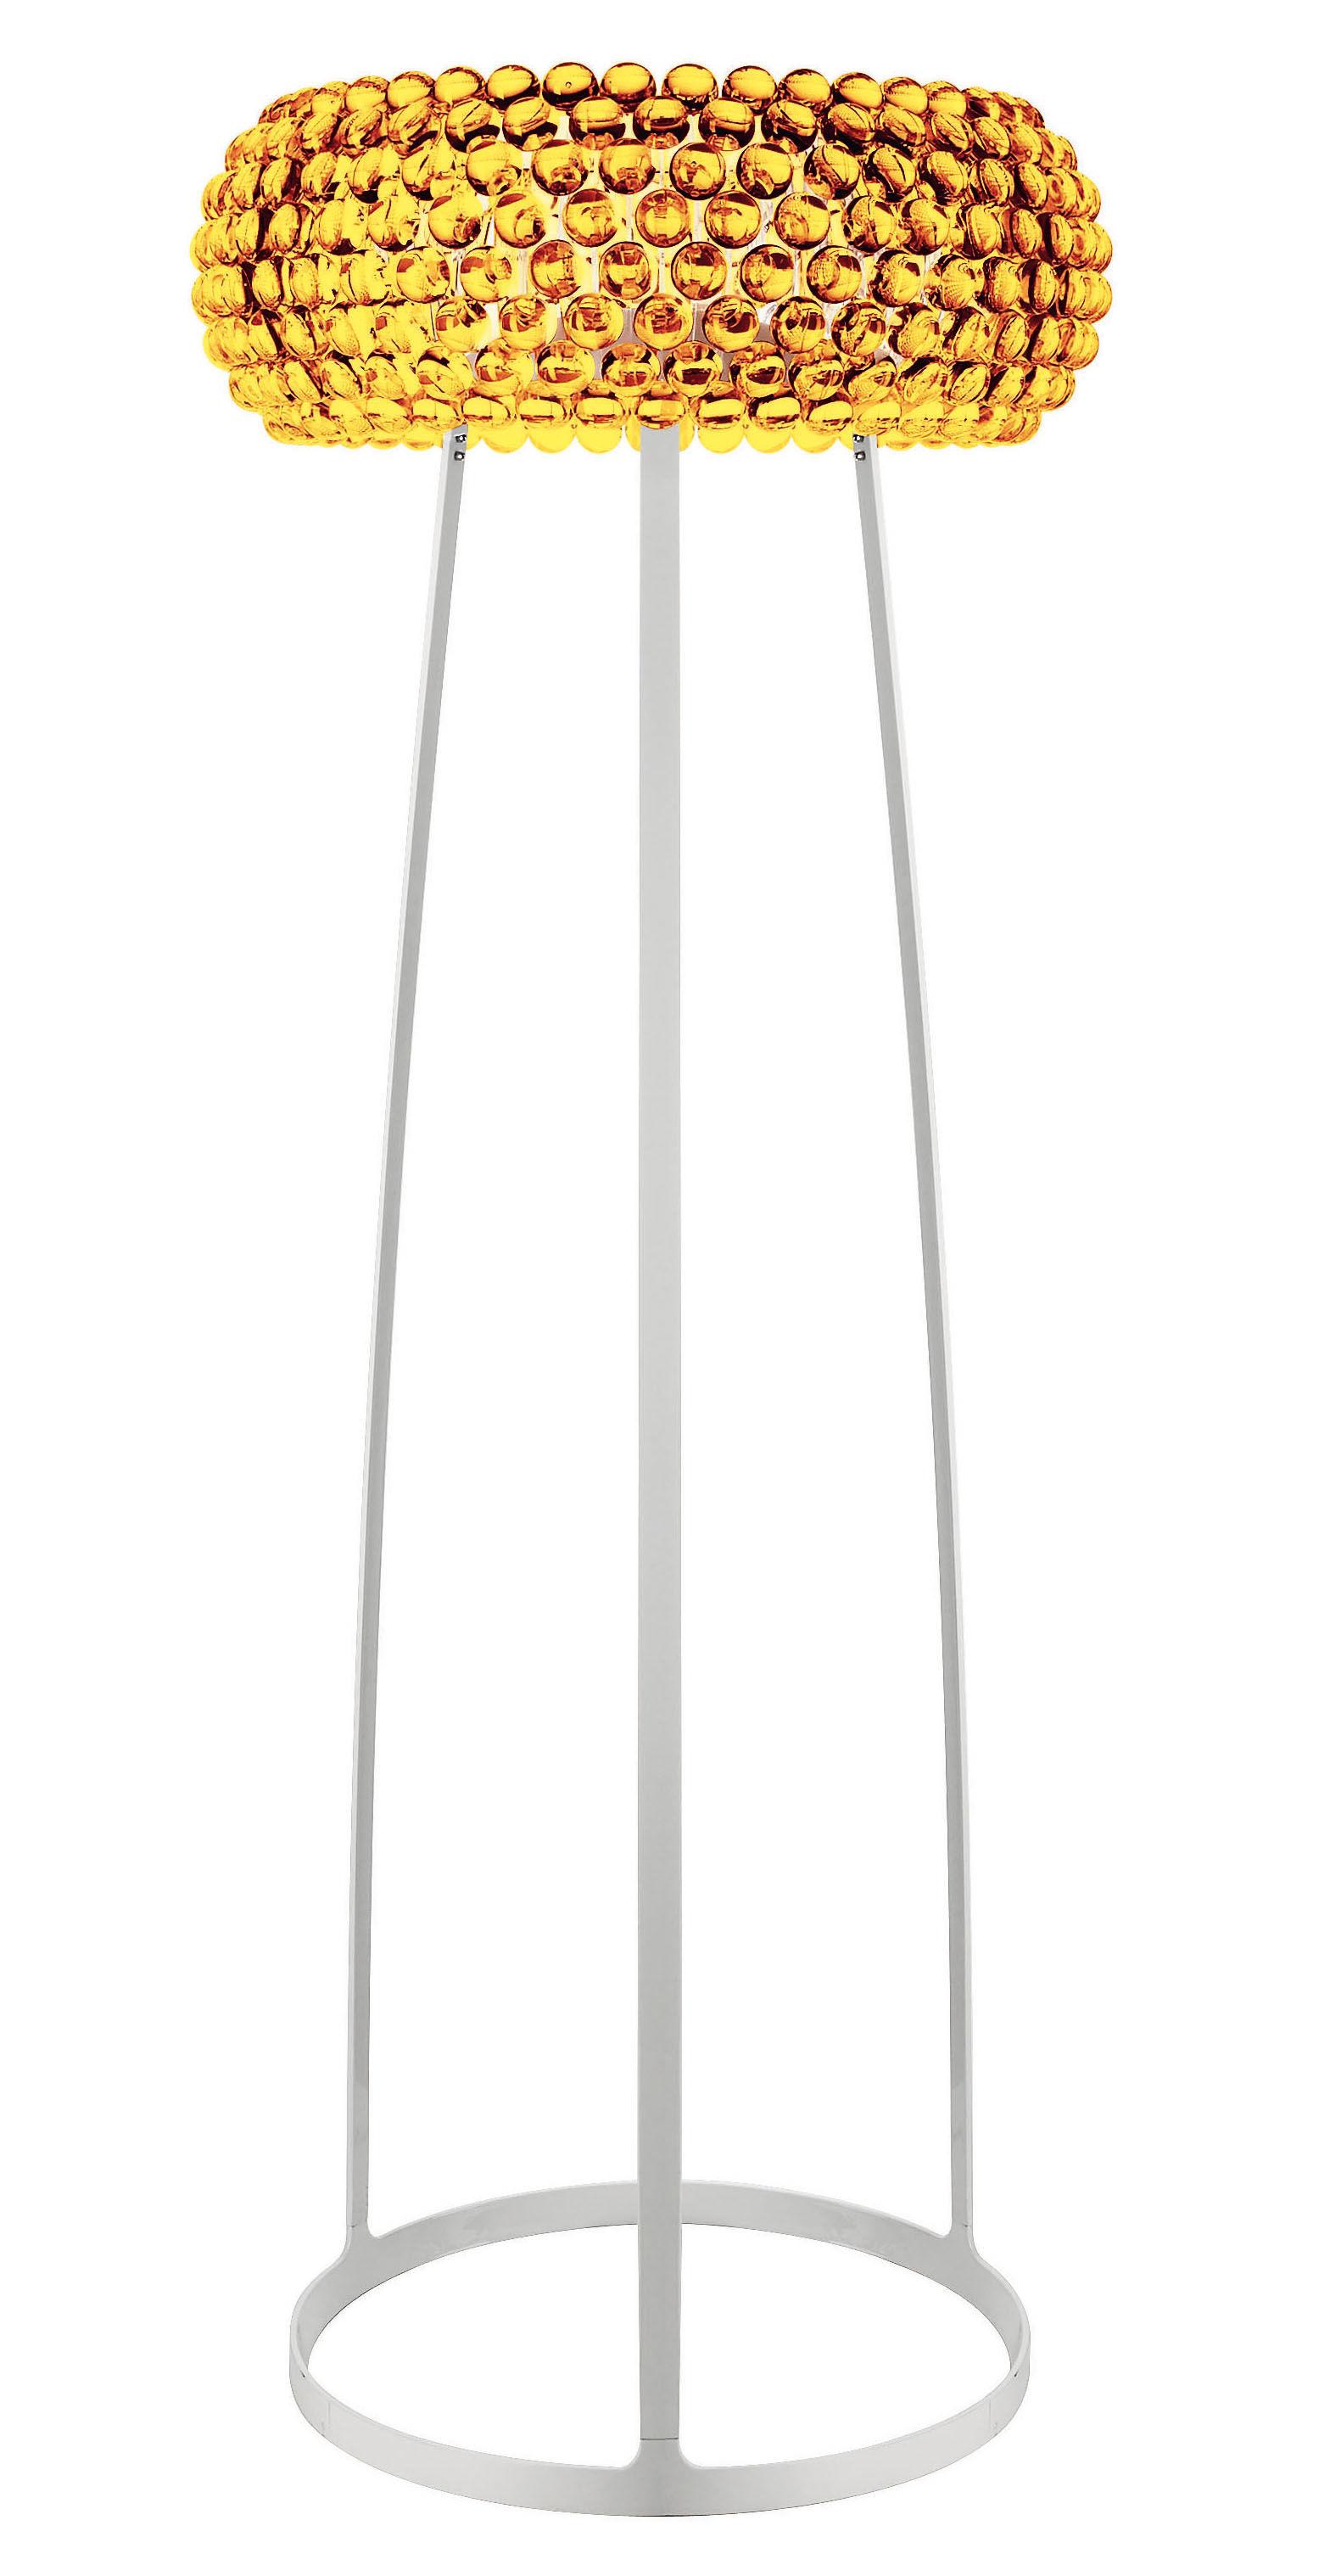 Luminaire - Lampadaires - Lampadaire Caboche Grande / H 178 cm - Foscarini - Ambre - Métal, PMMA